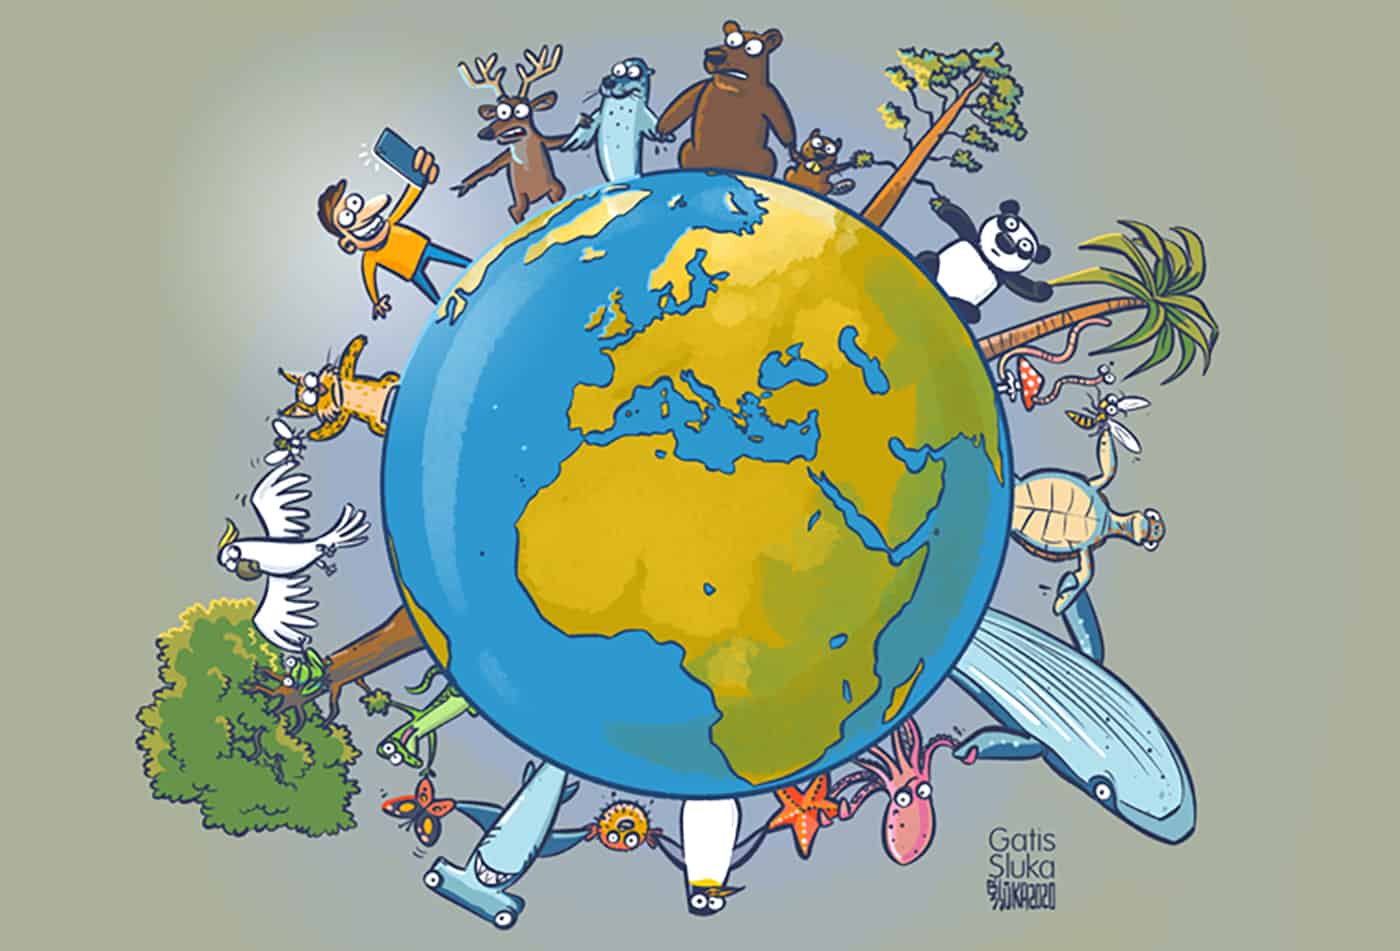 Symbolbild der Globalen Koalition für Artenvielfalt – Wir sind alle ein Teil des Ganzen. (Grafik: Gatis Šļūka)